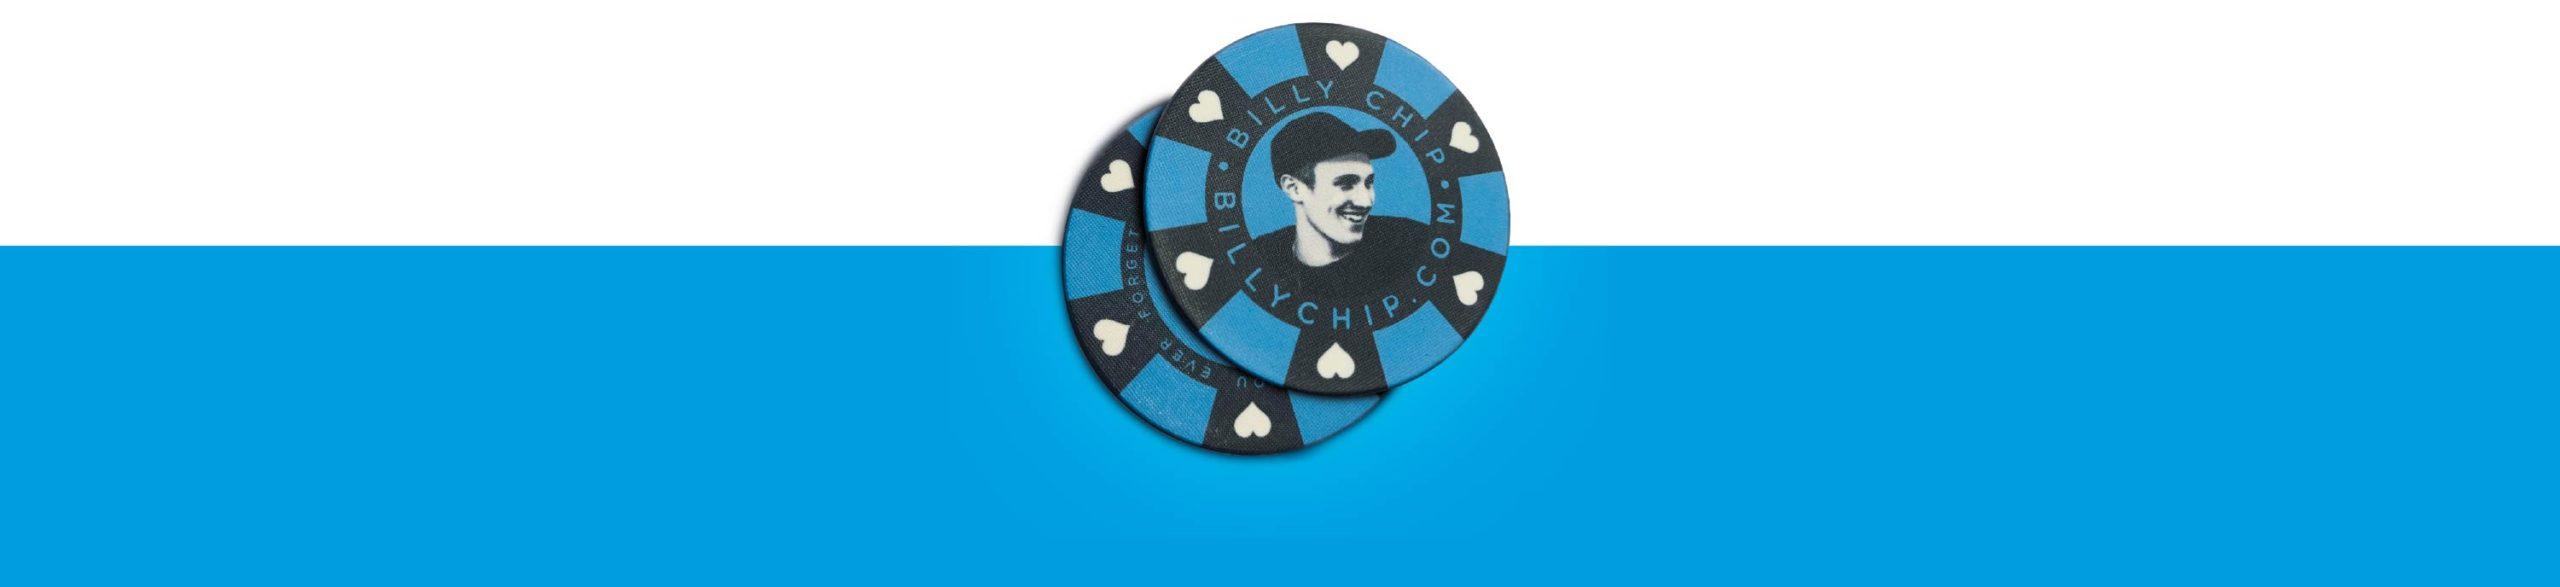 billy-chip1